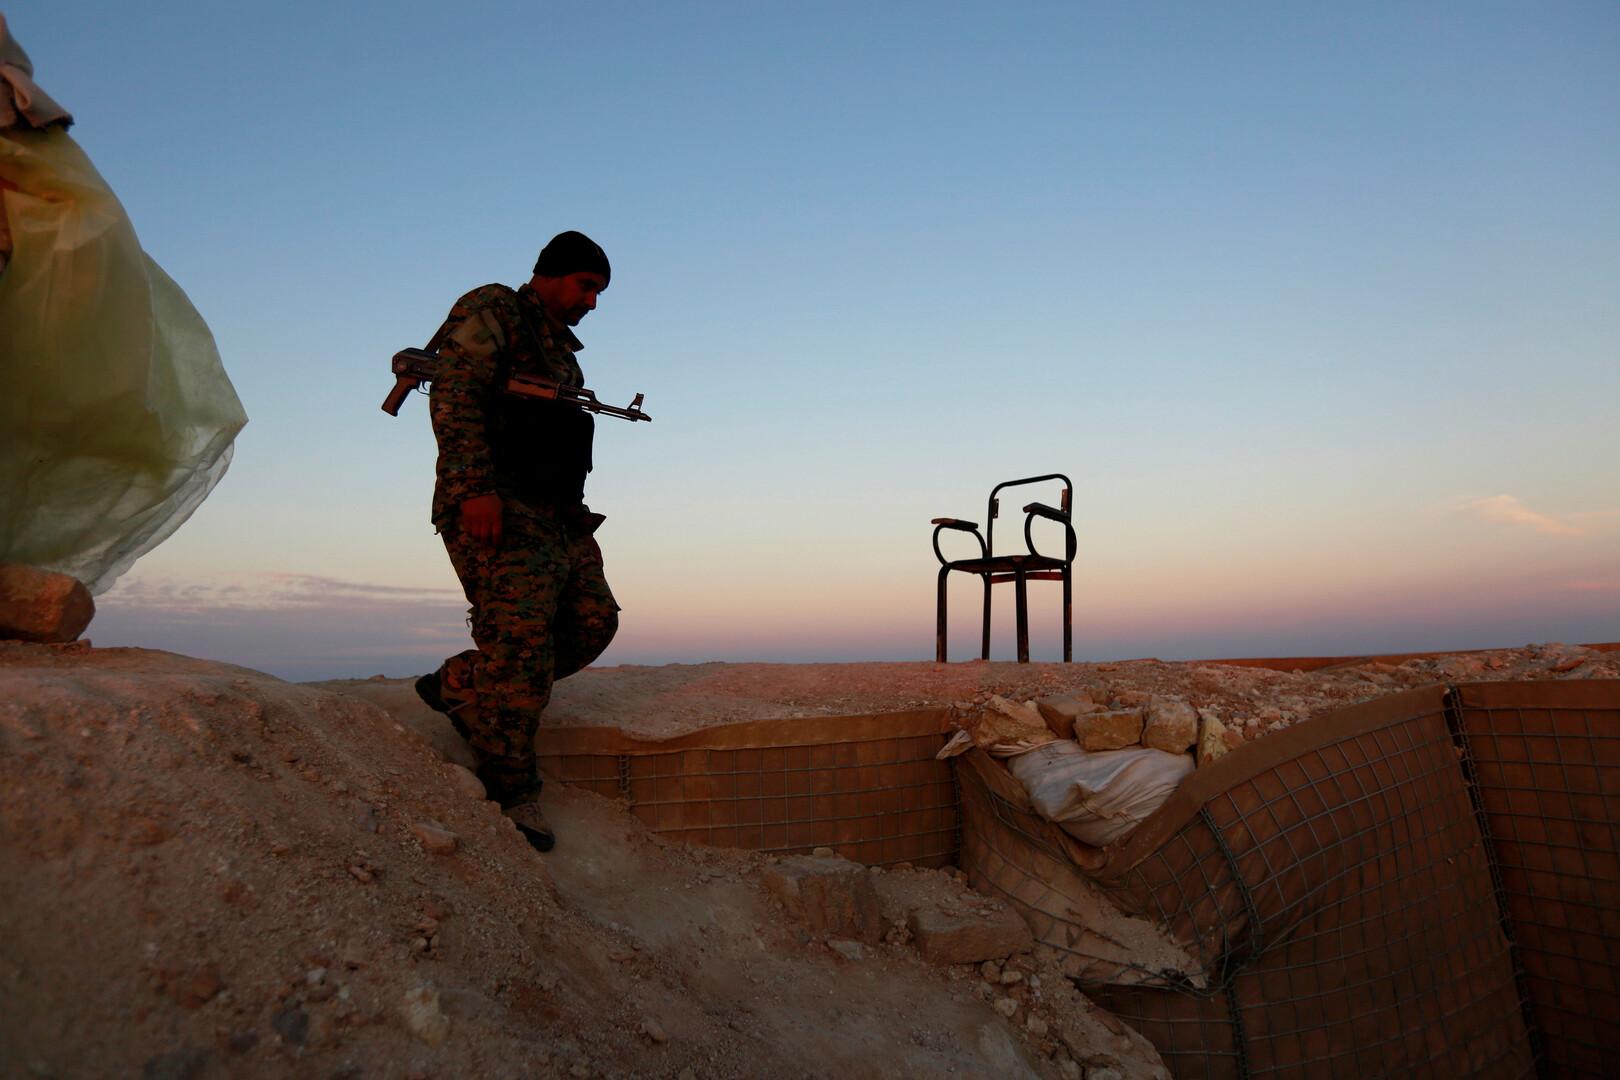 مصادر تكشف لـRT أعداد قتلى الضربات الجوية التي استهدفت فصائل عراقية في سوريا